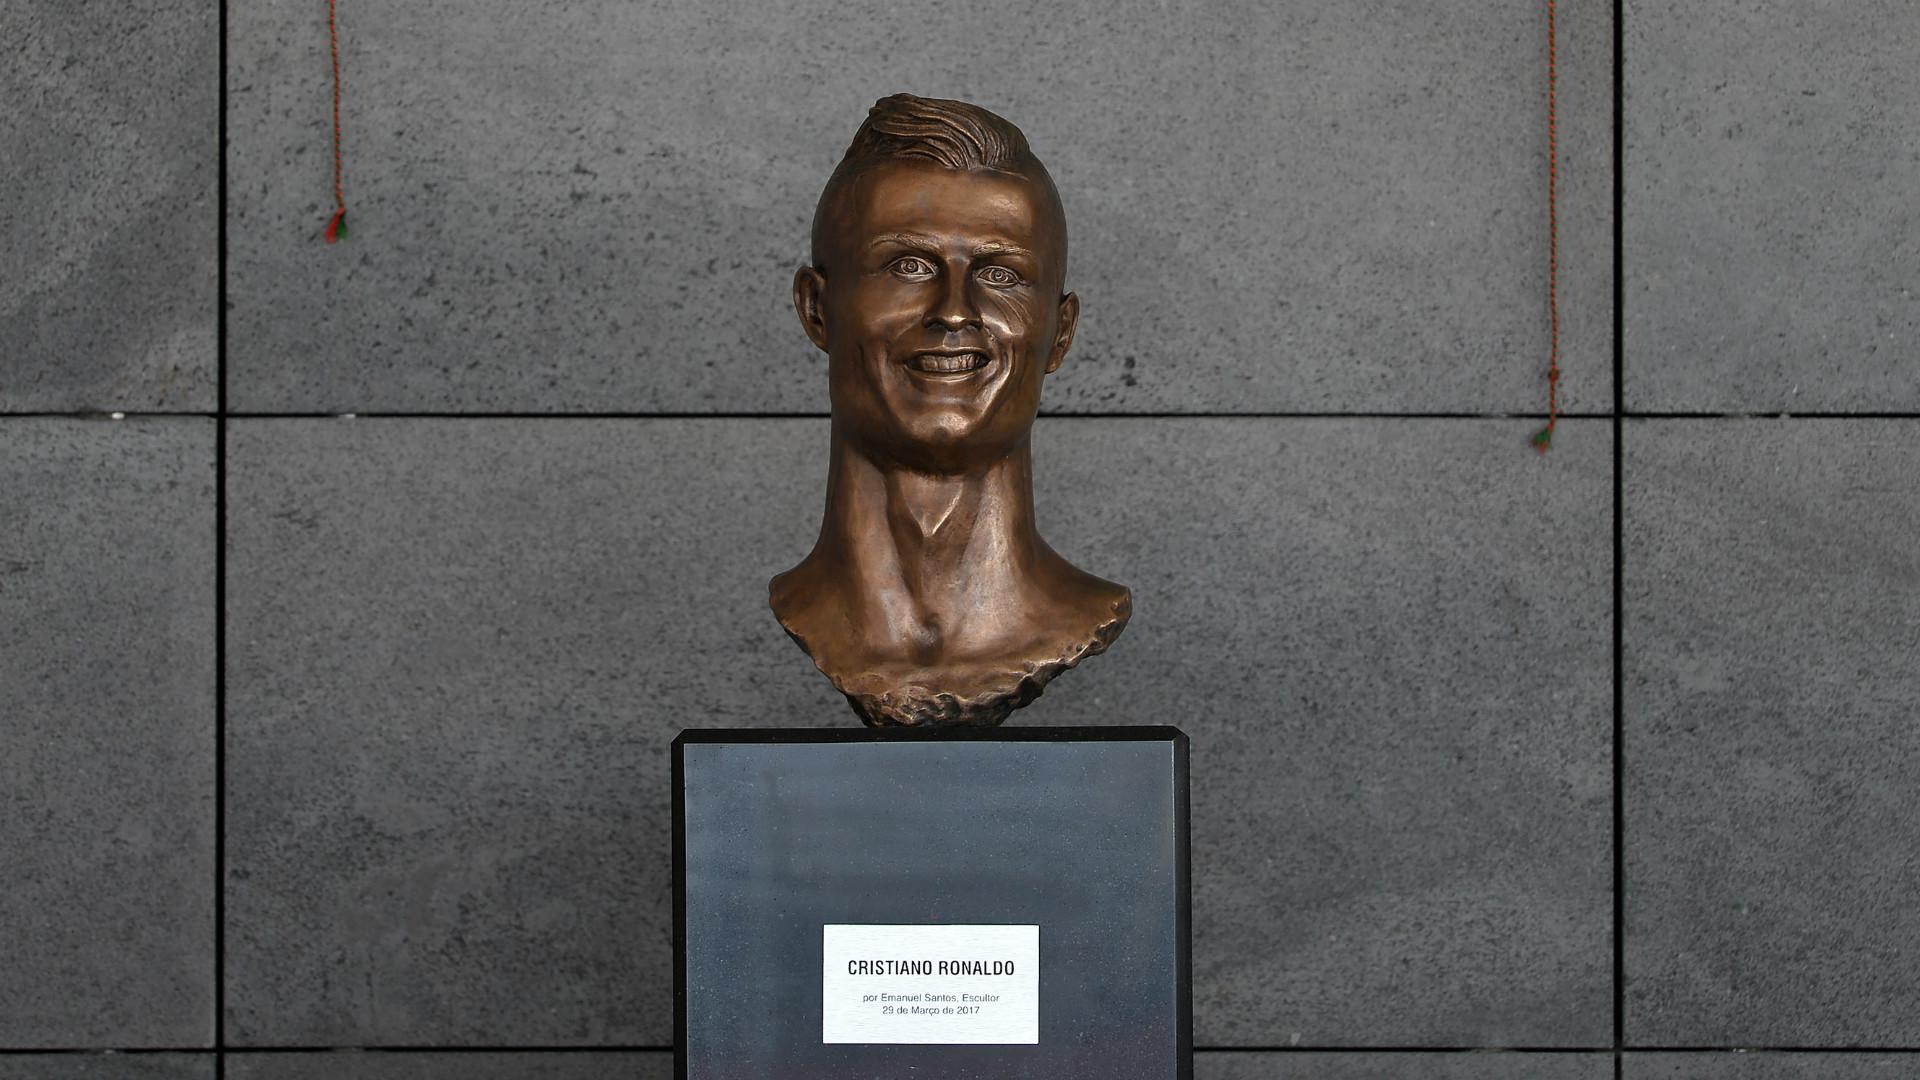 cristiano-ronaldo-statue-madeira-airport